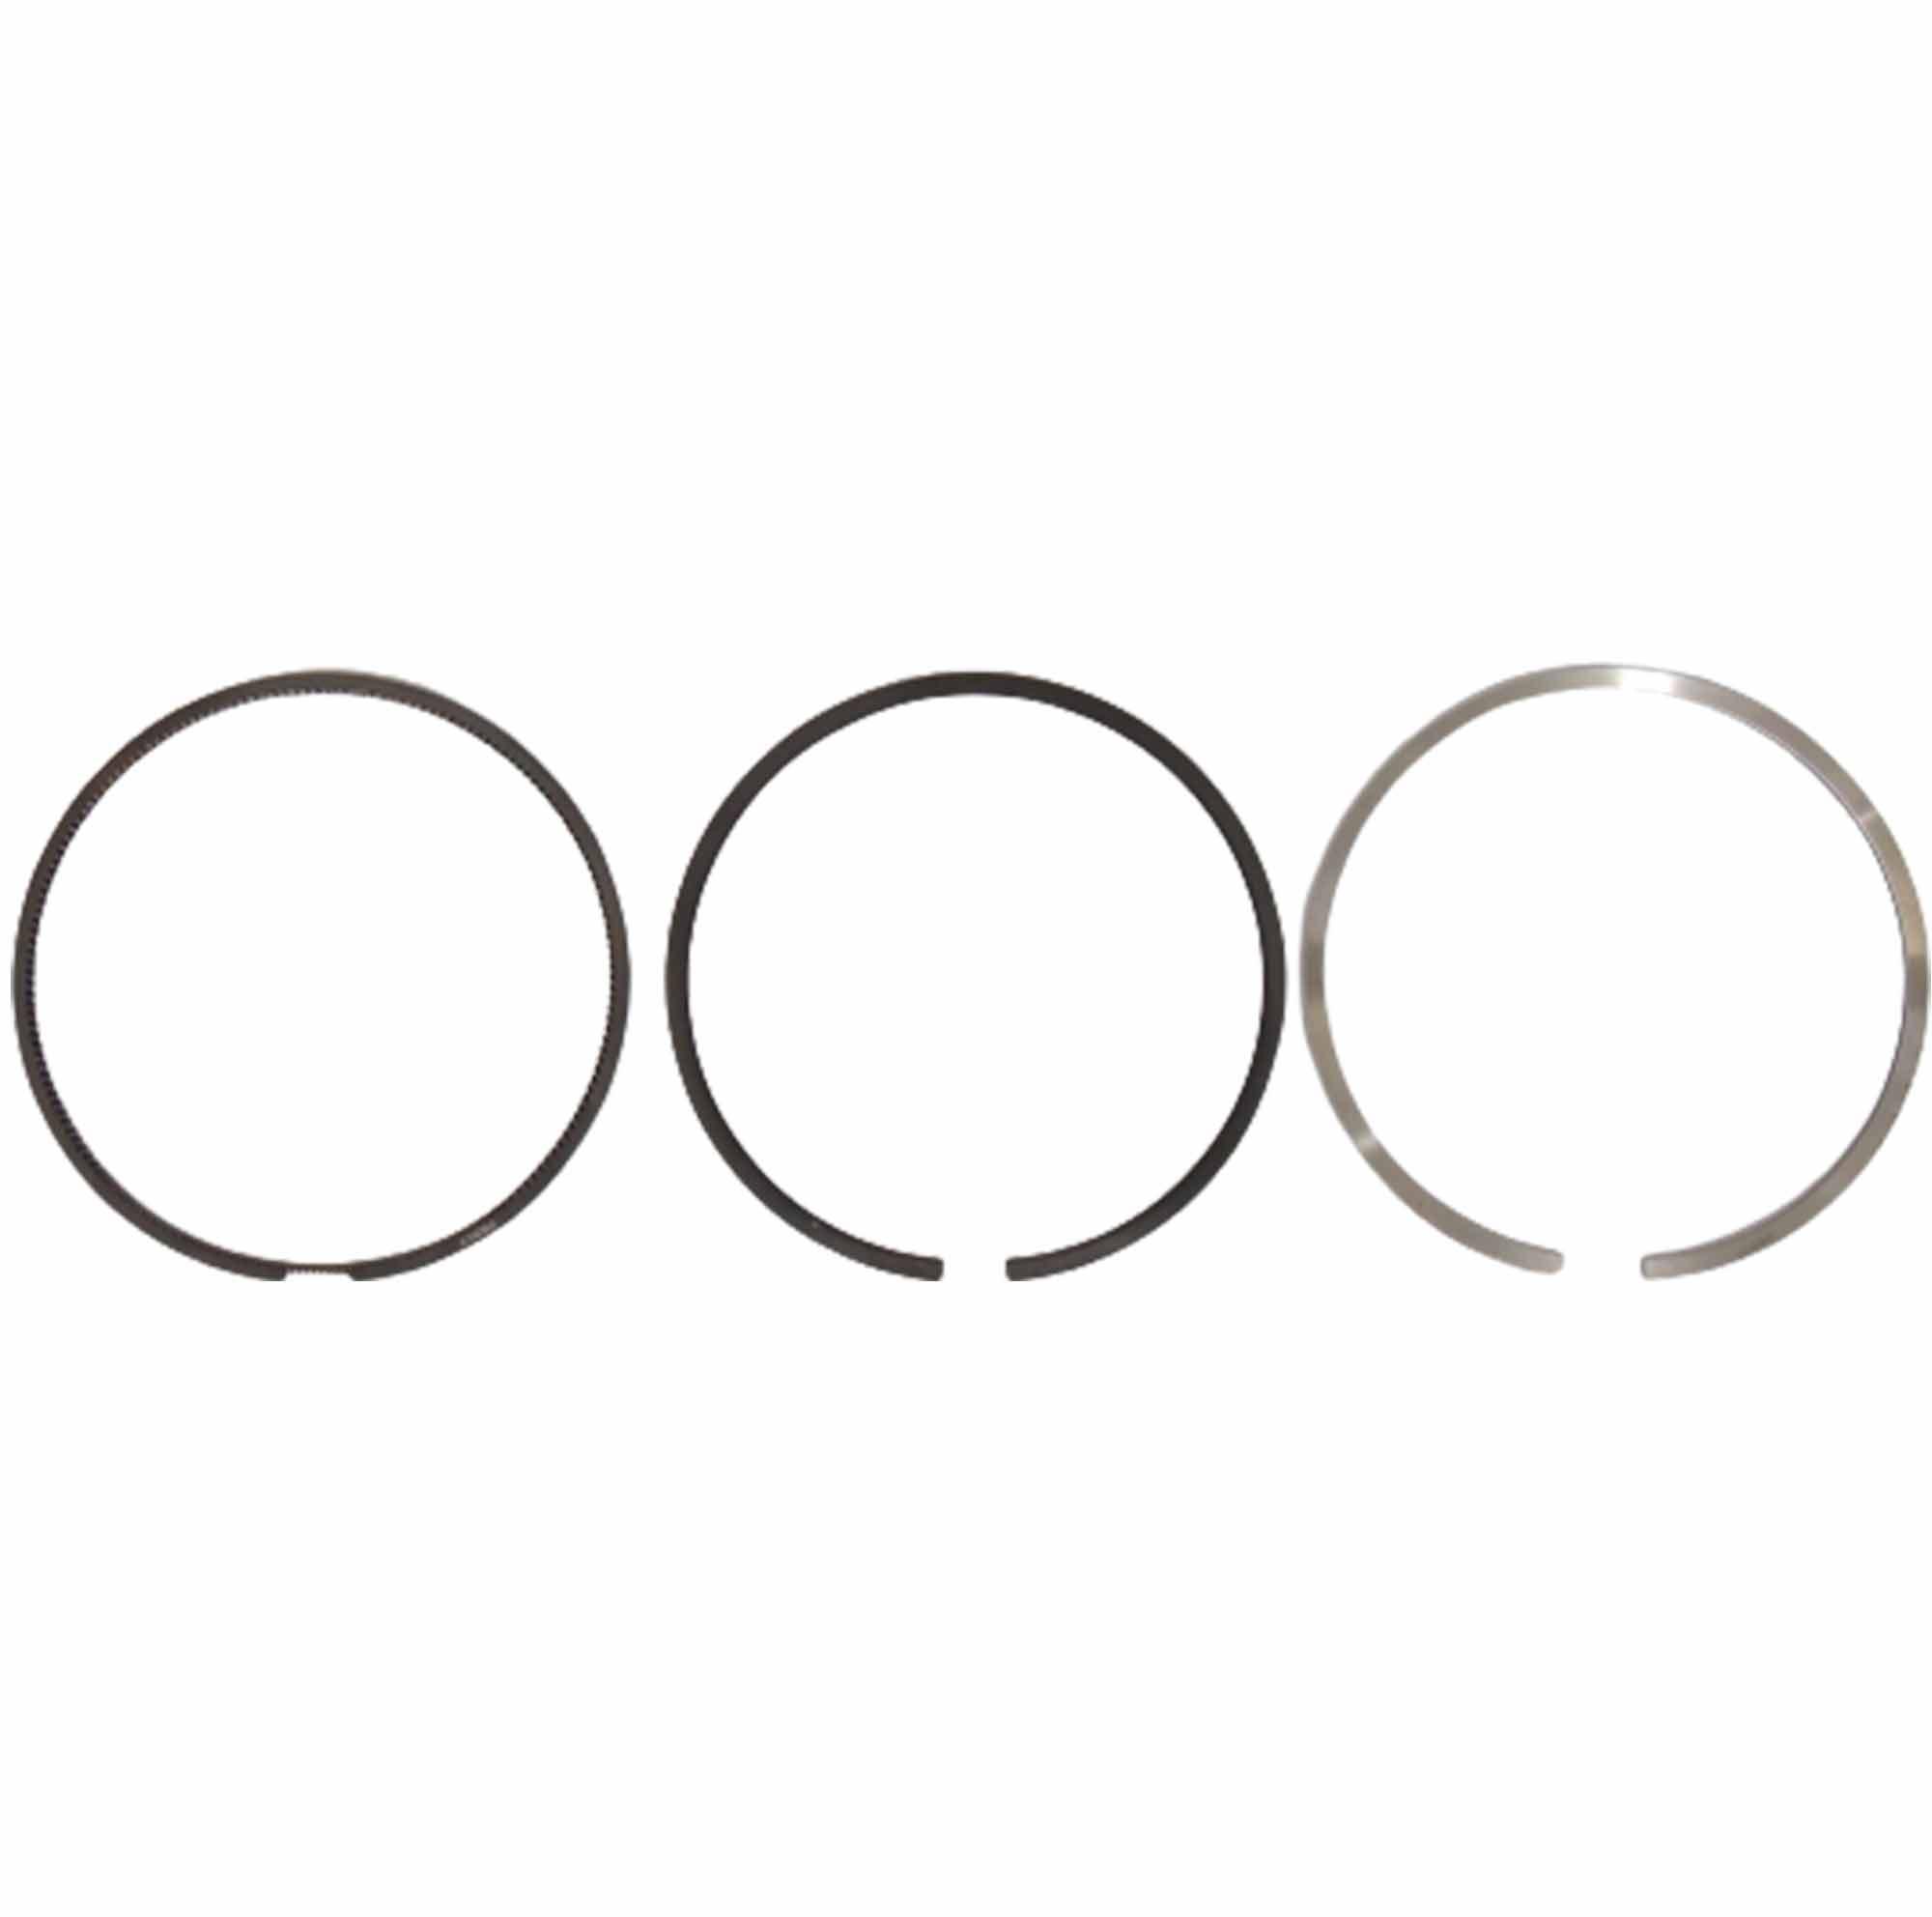 70640205 - Jogo de anéis do pistão MWM